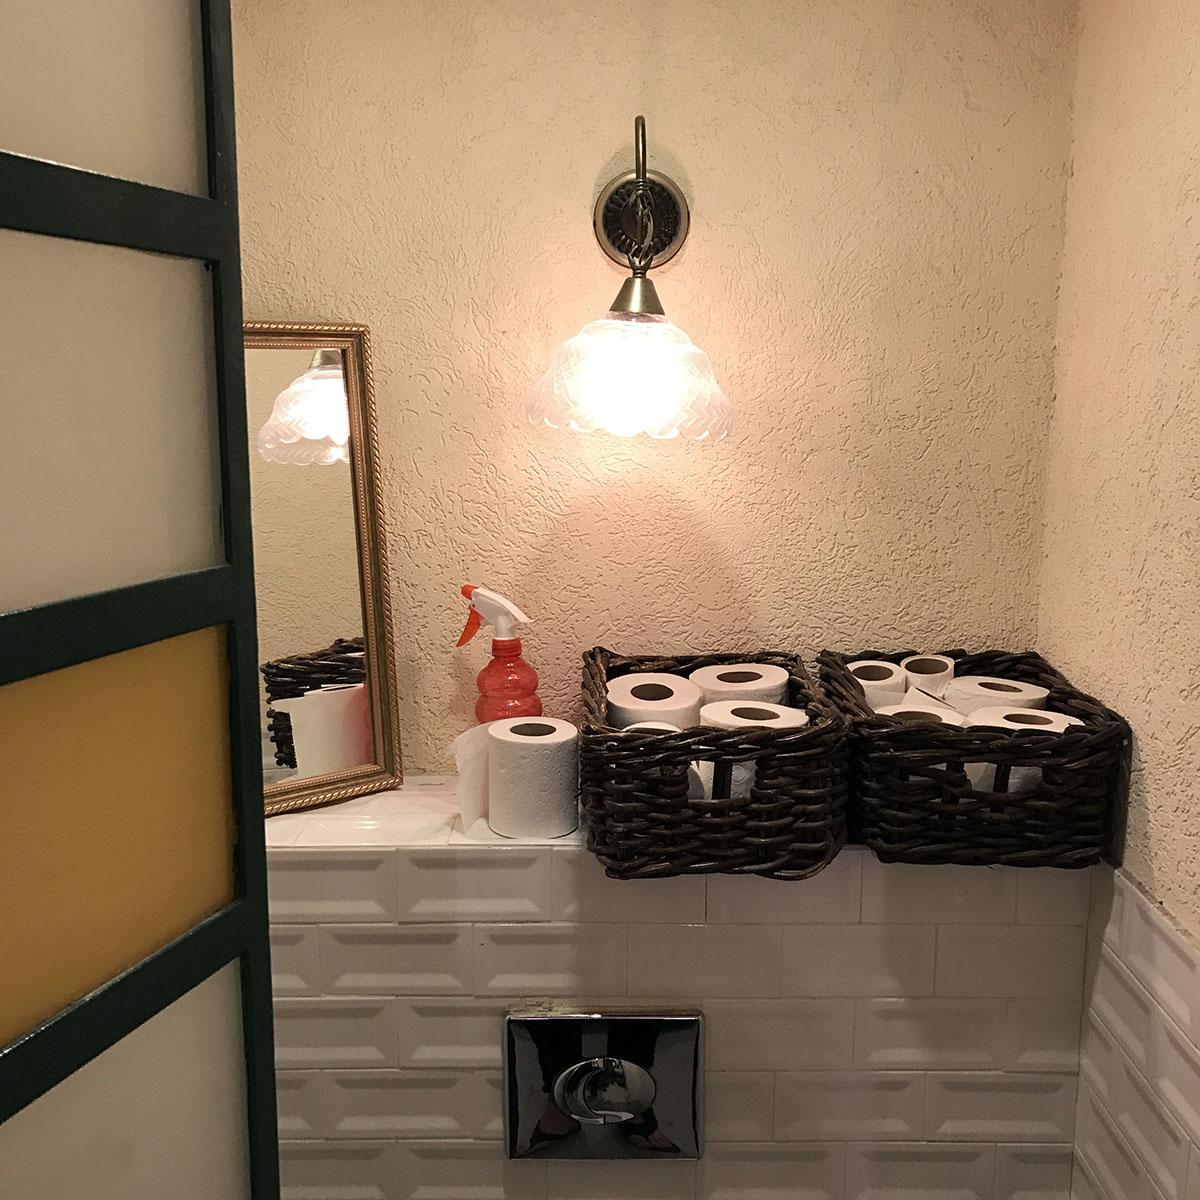 Плюс израильских туалетов в том, что в них никогда не заканчивается туалетная бумага.